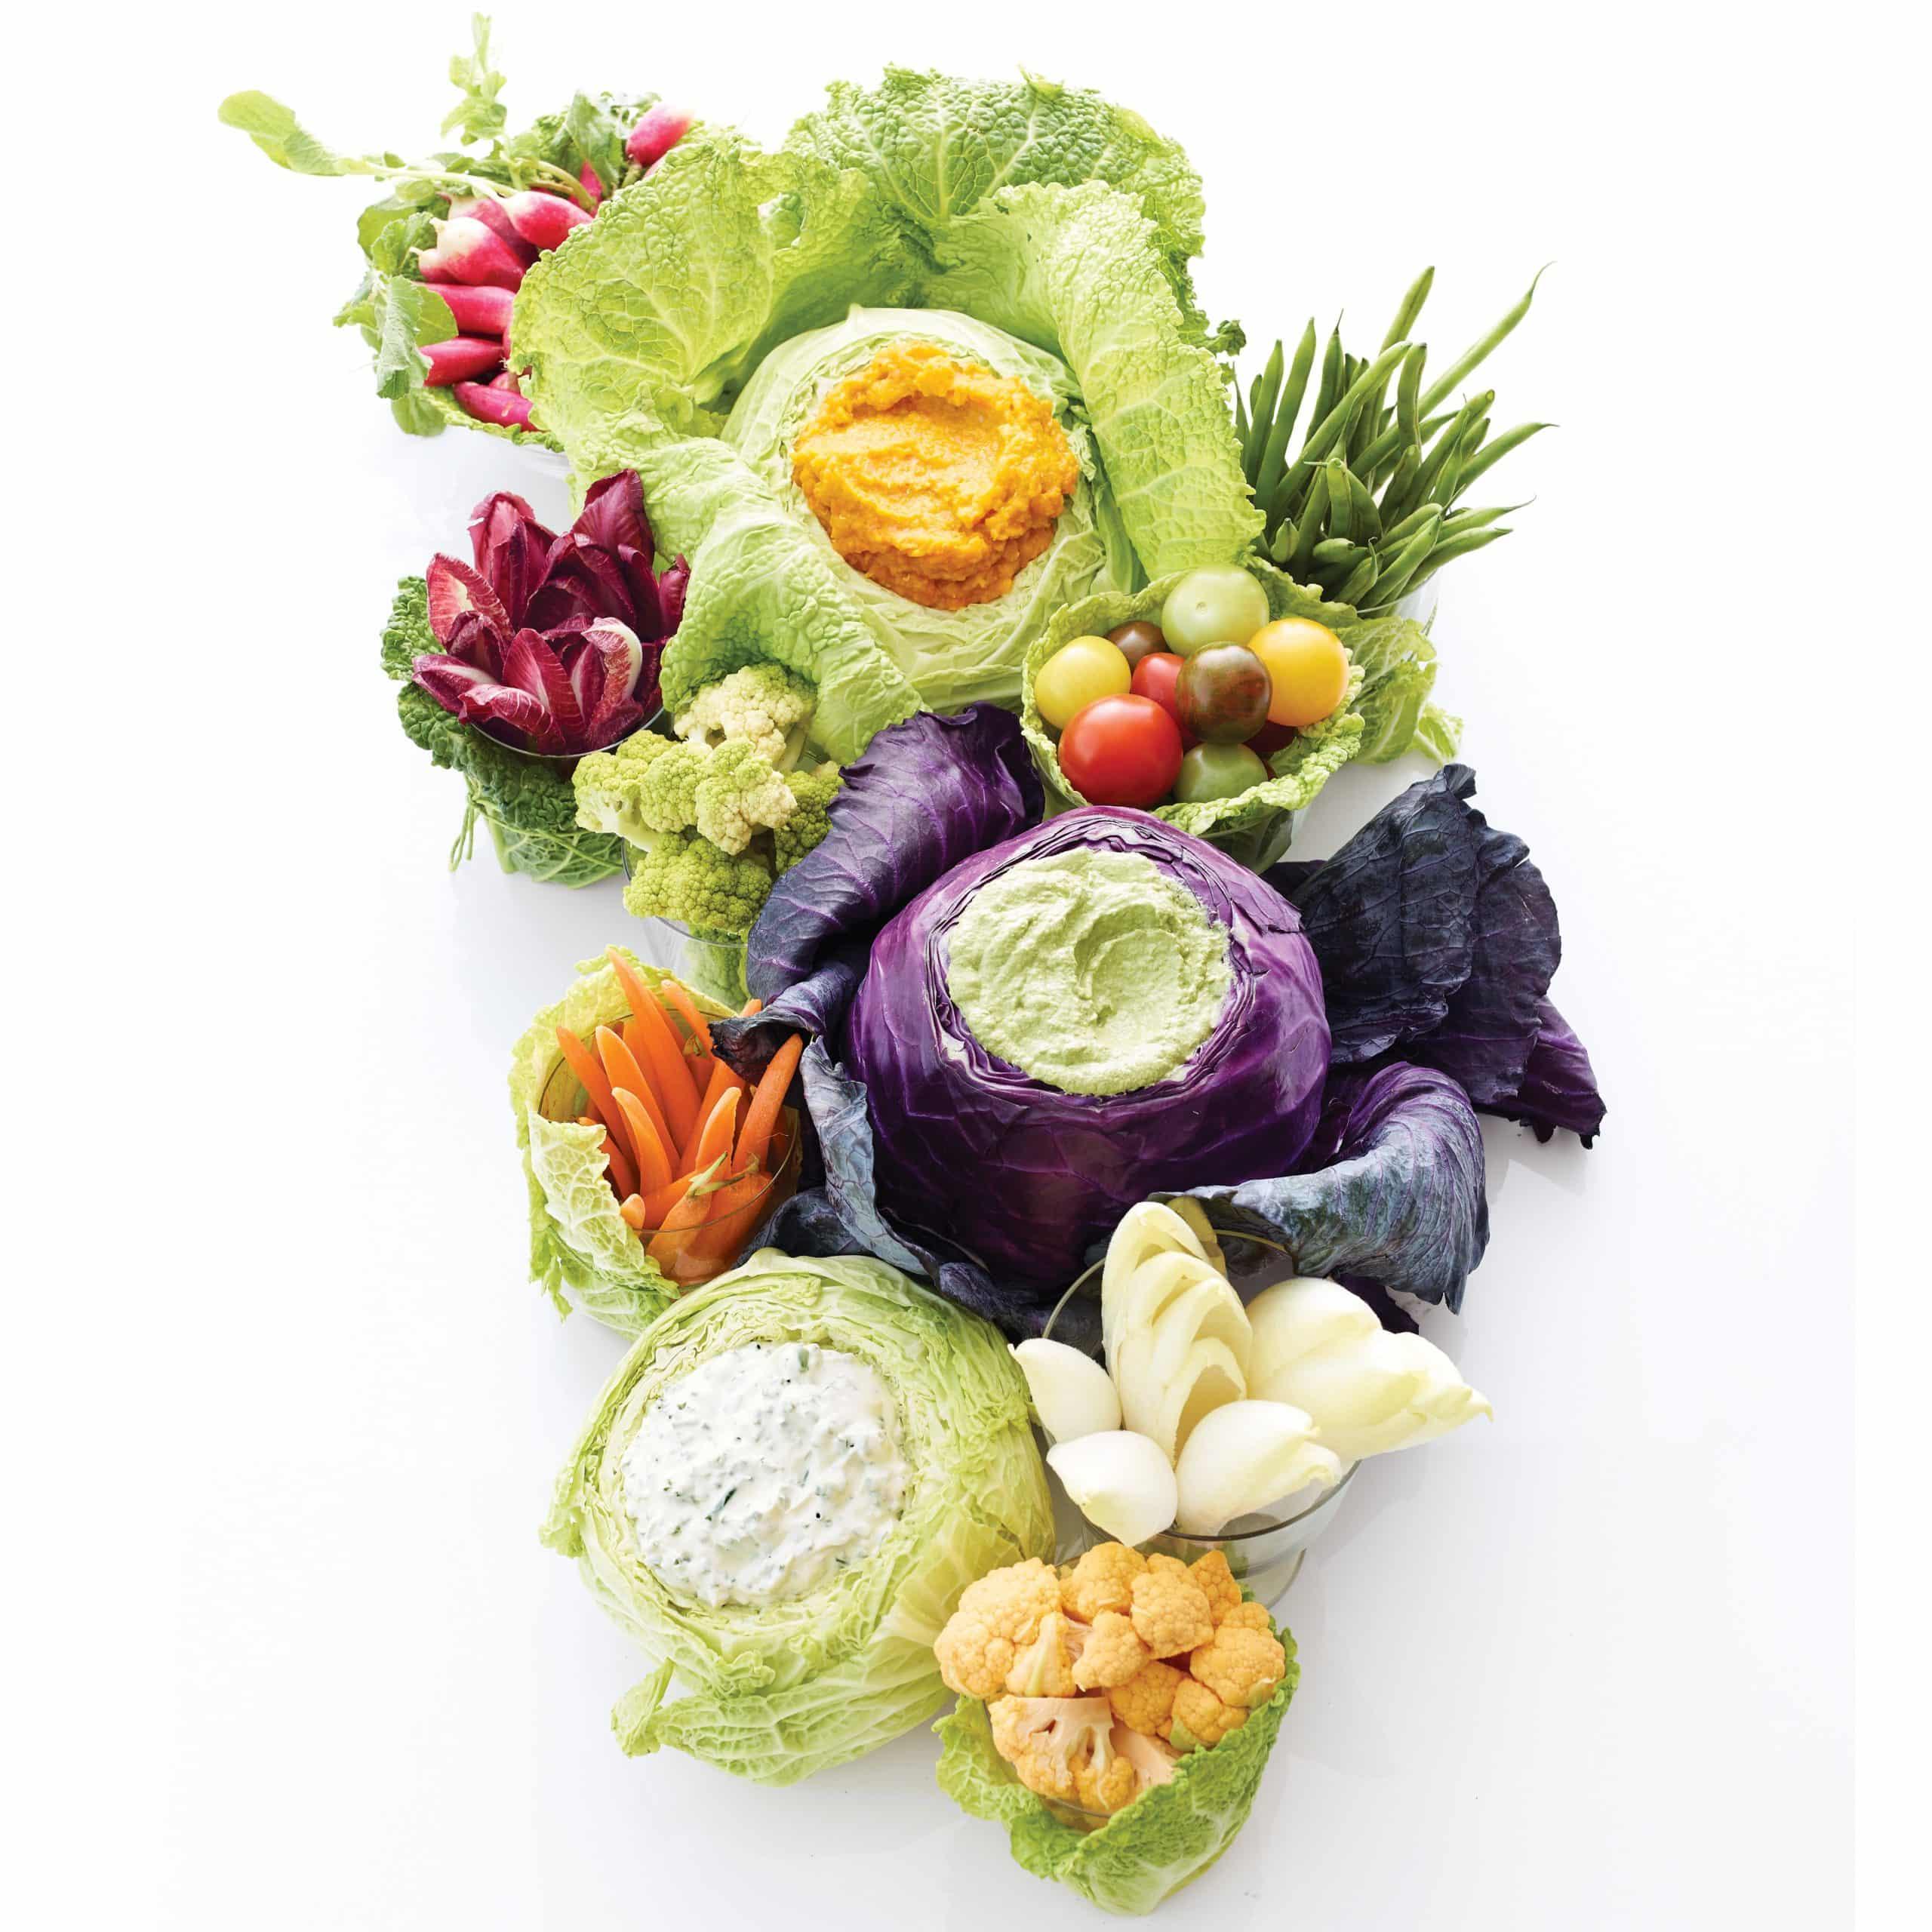 s04_food_crop